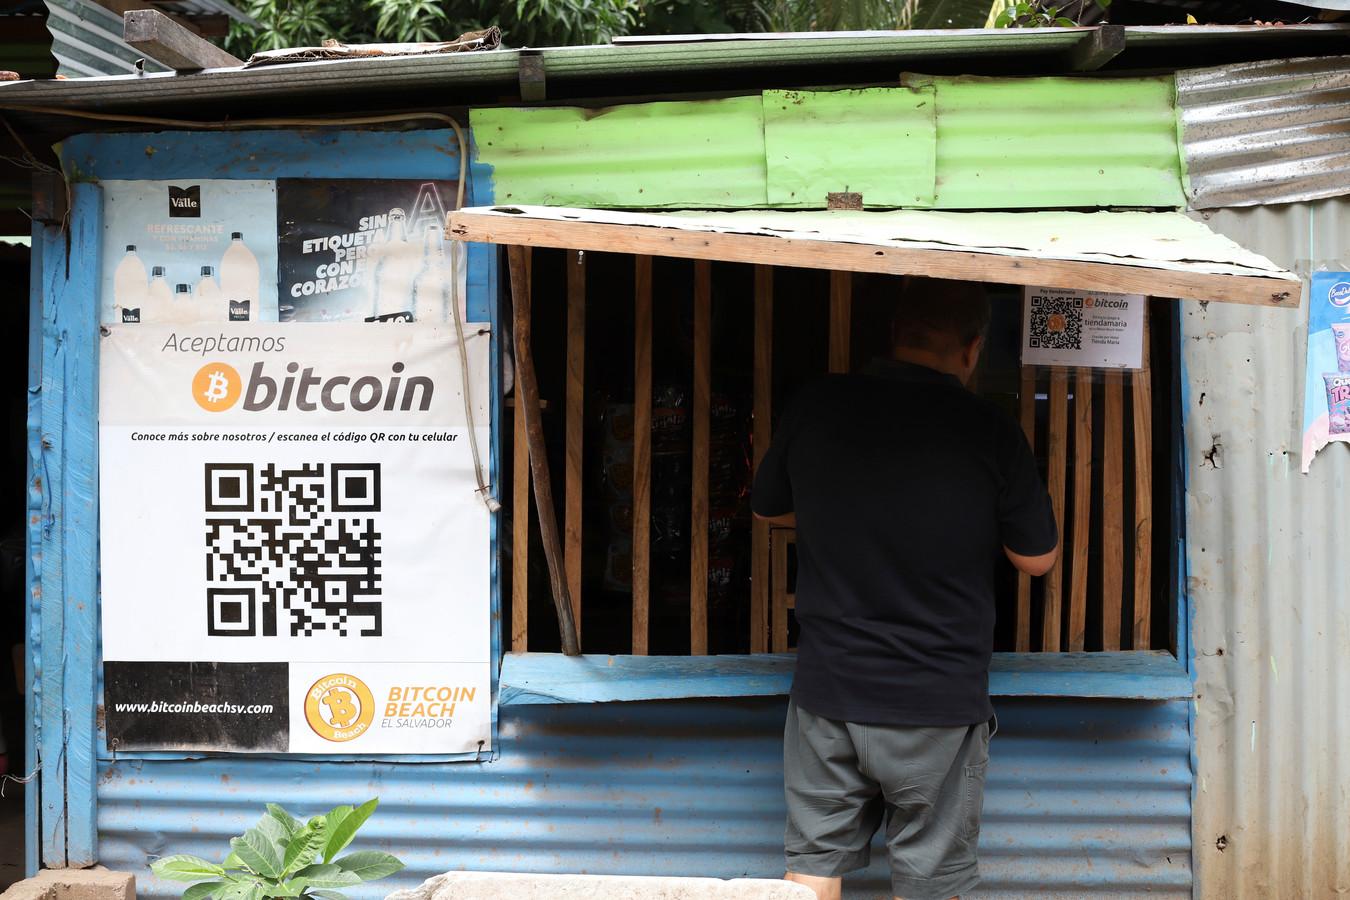 In El Salvador wordt bitcoin als wettig betaalmiddel geaccepteerd.